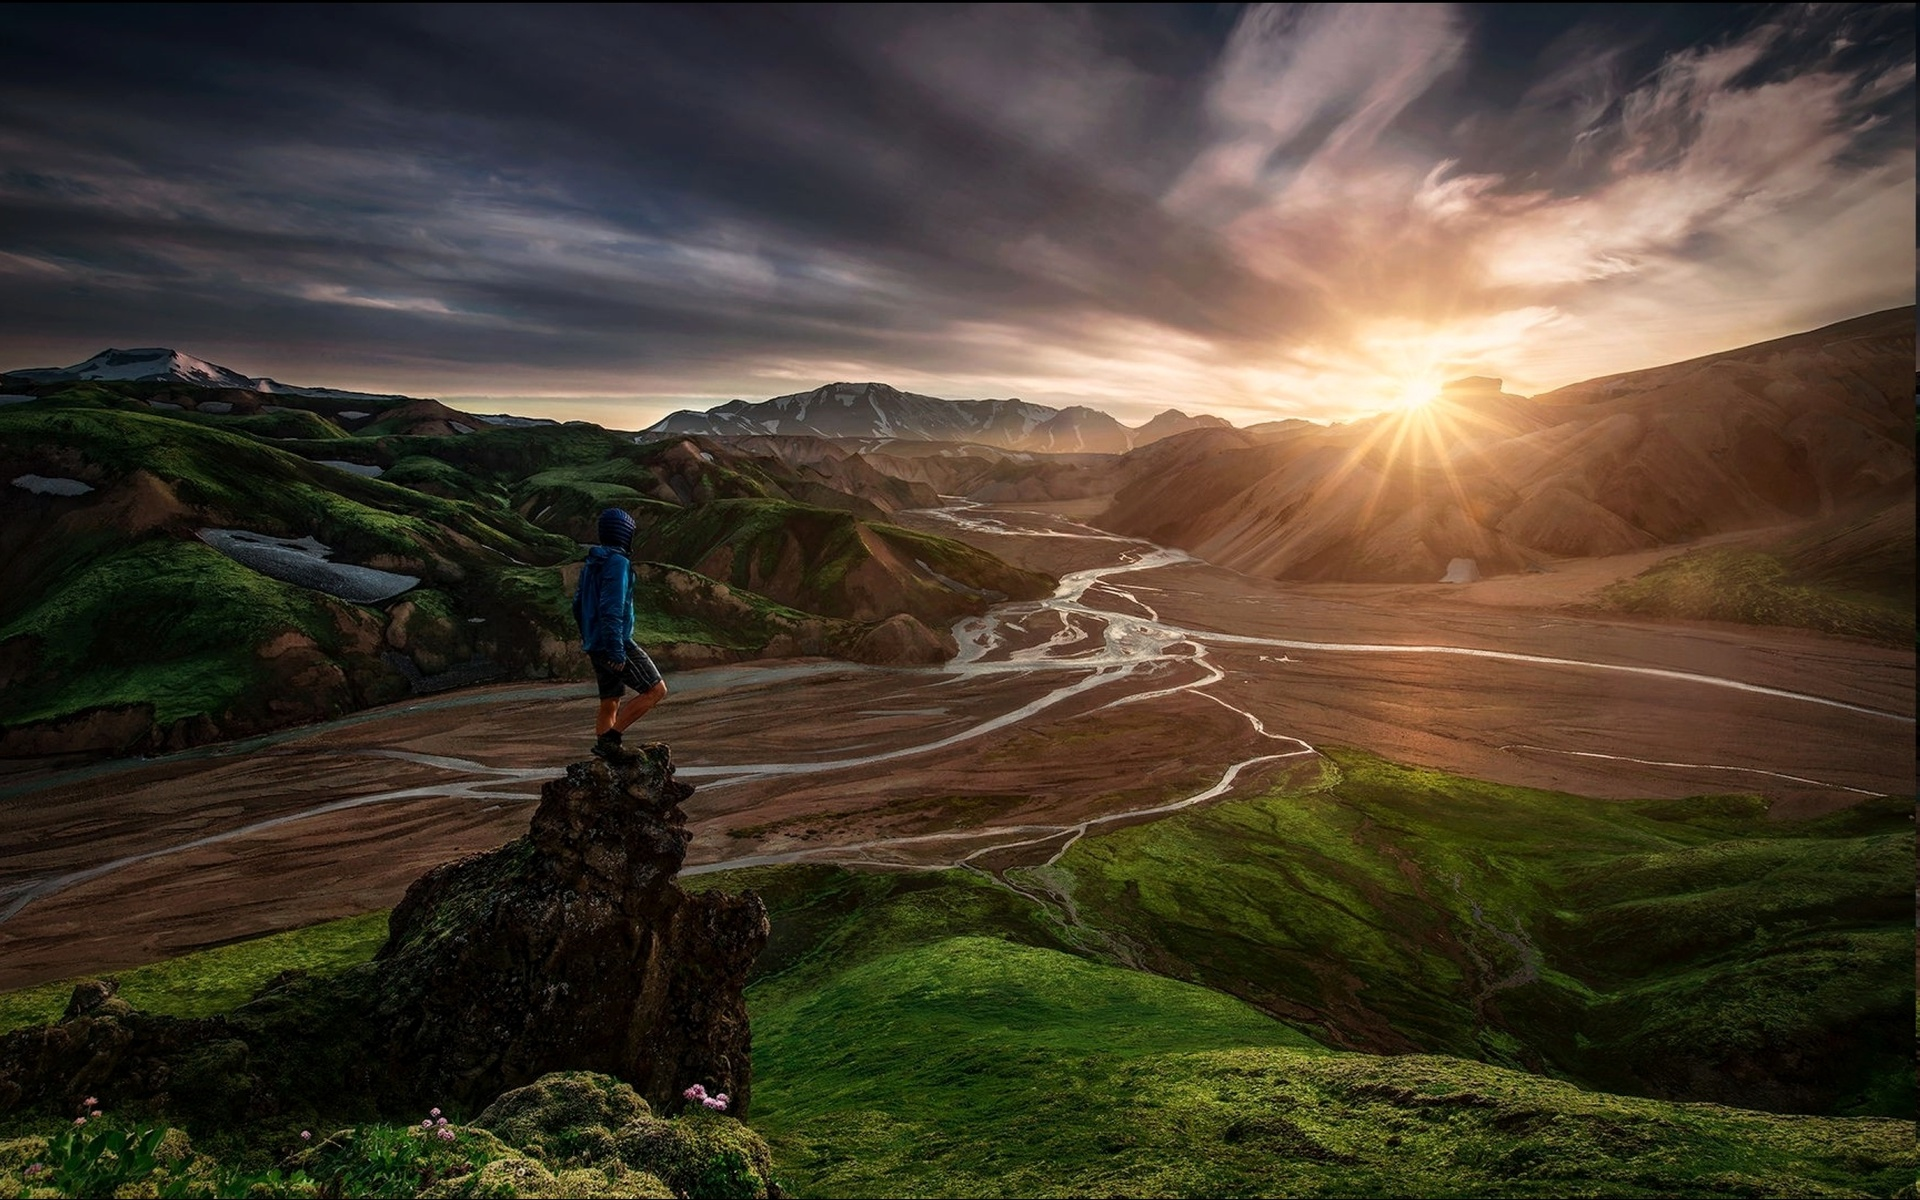 Красота природы и человека в картинках